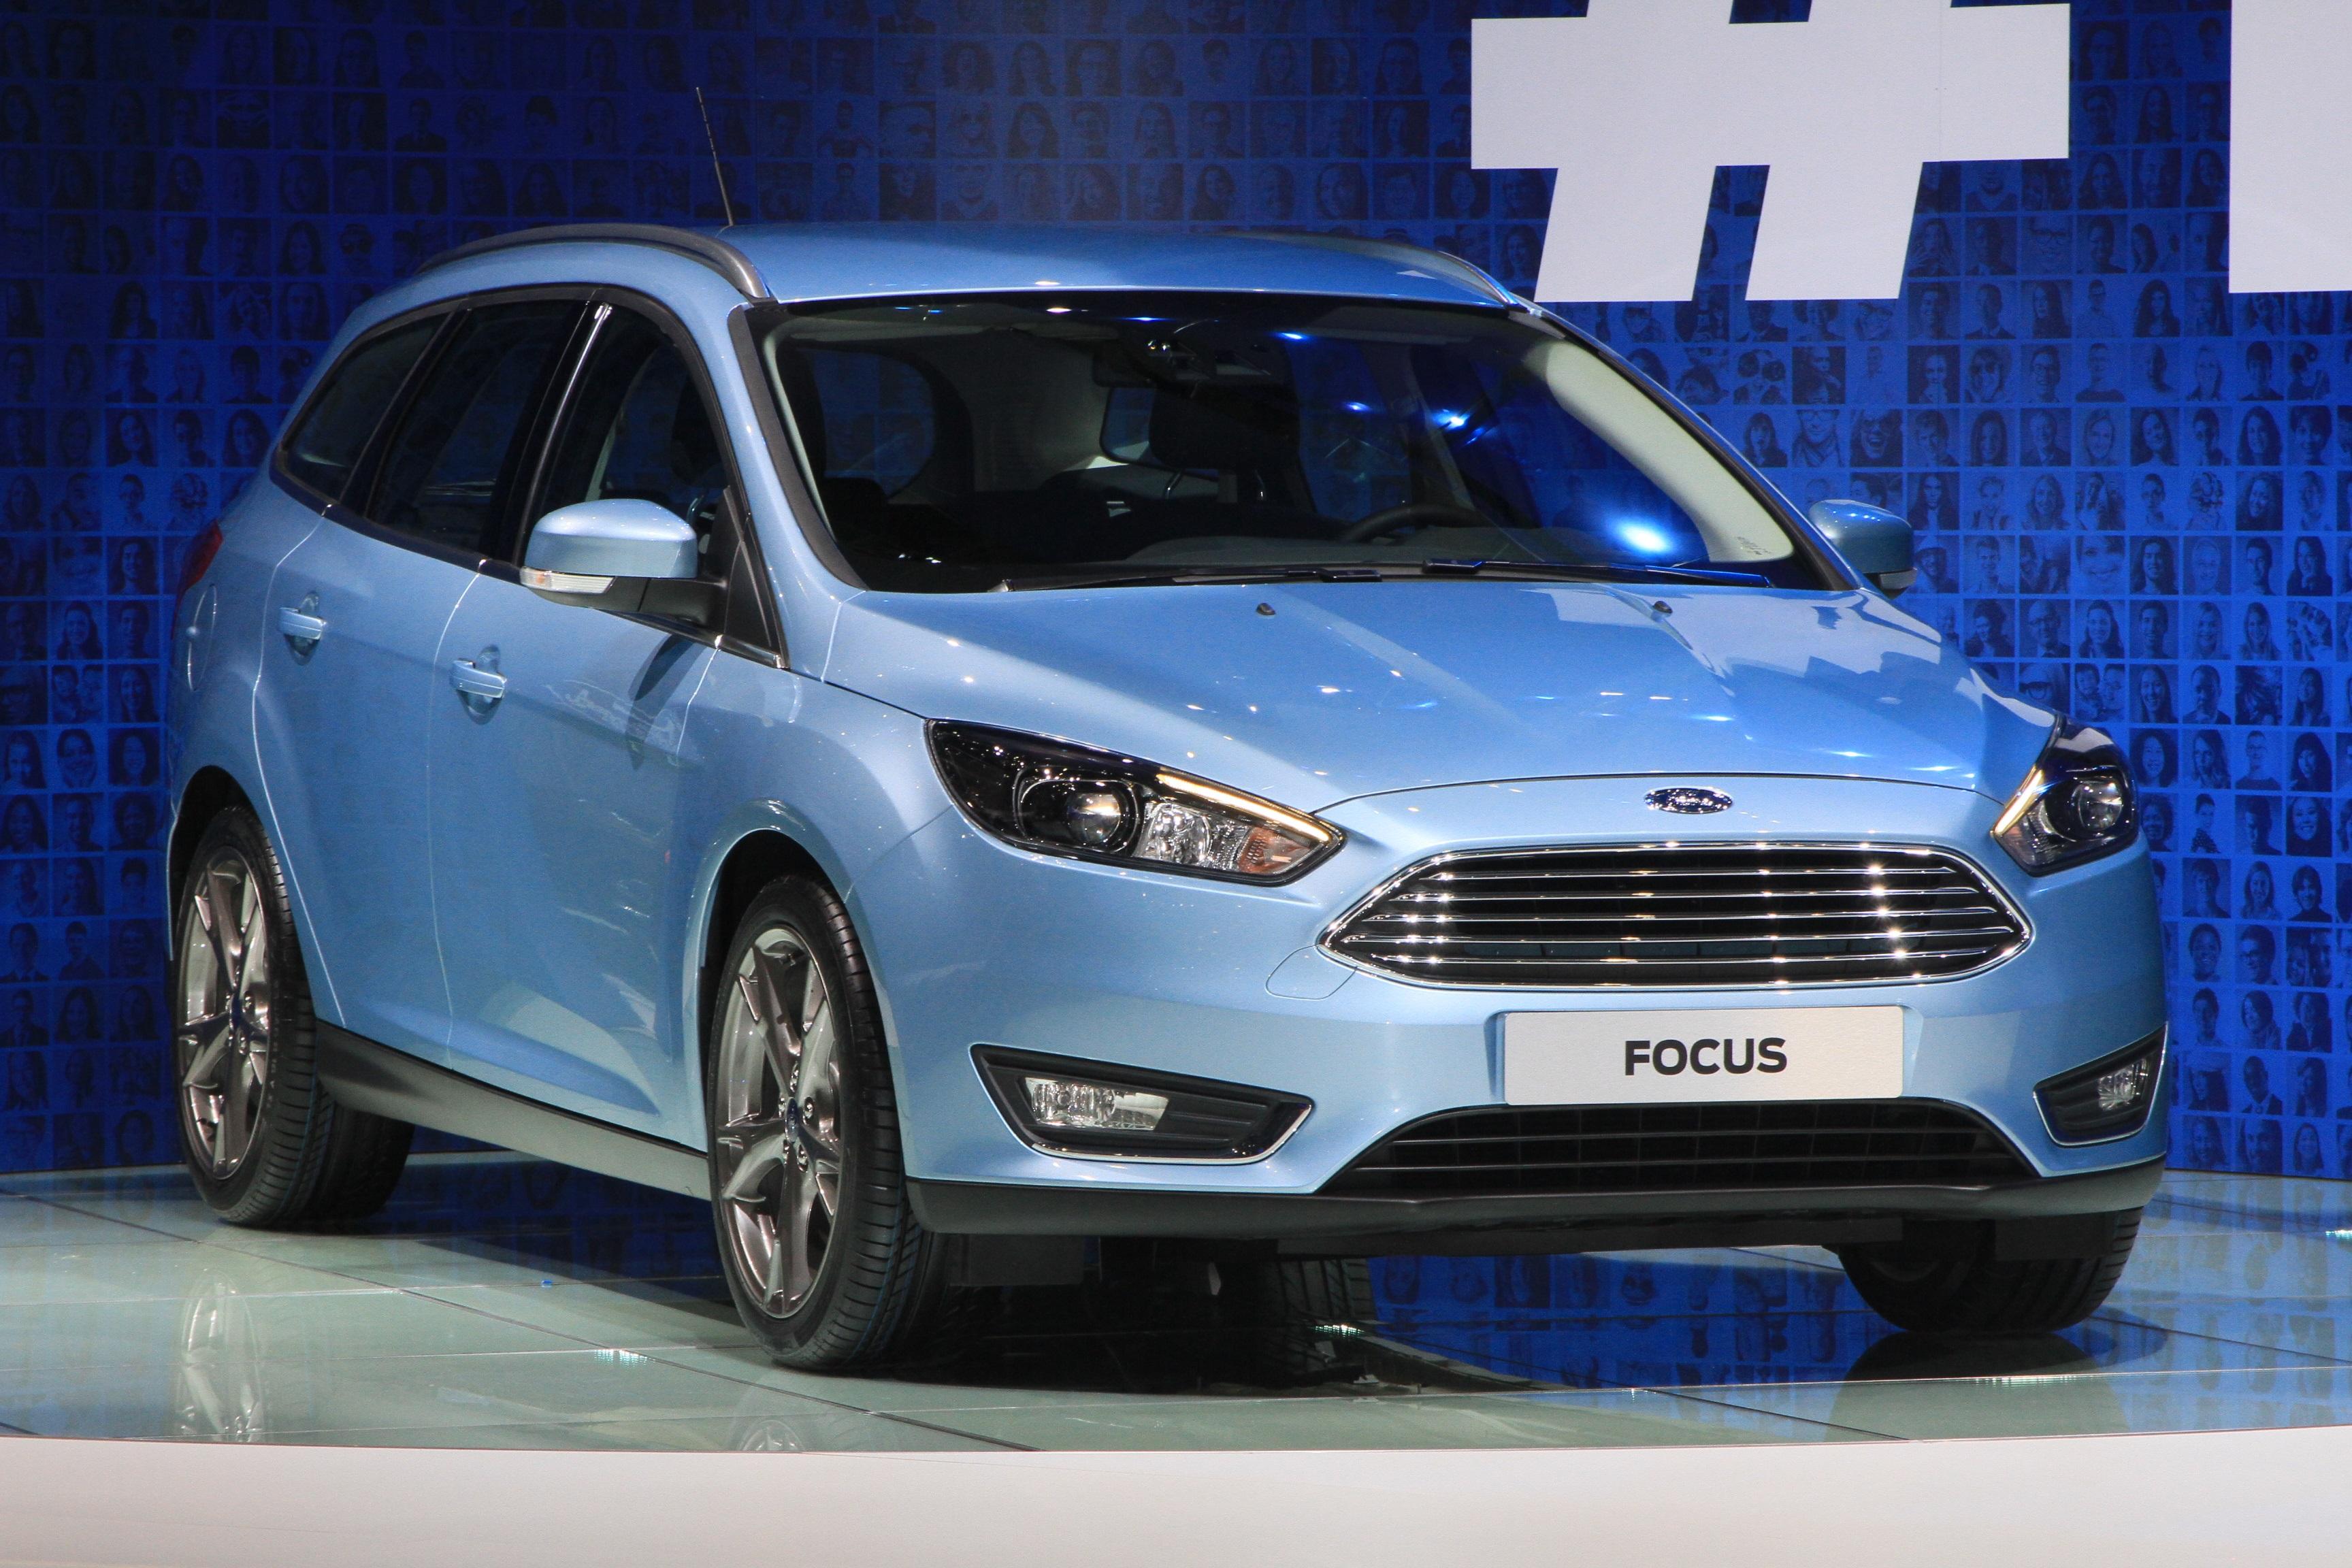 «Астон Мартин» для бедных: Ford сделал рестайлинг «Фокусу»